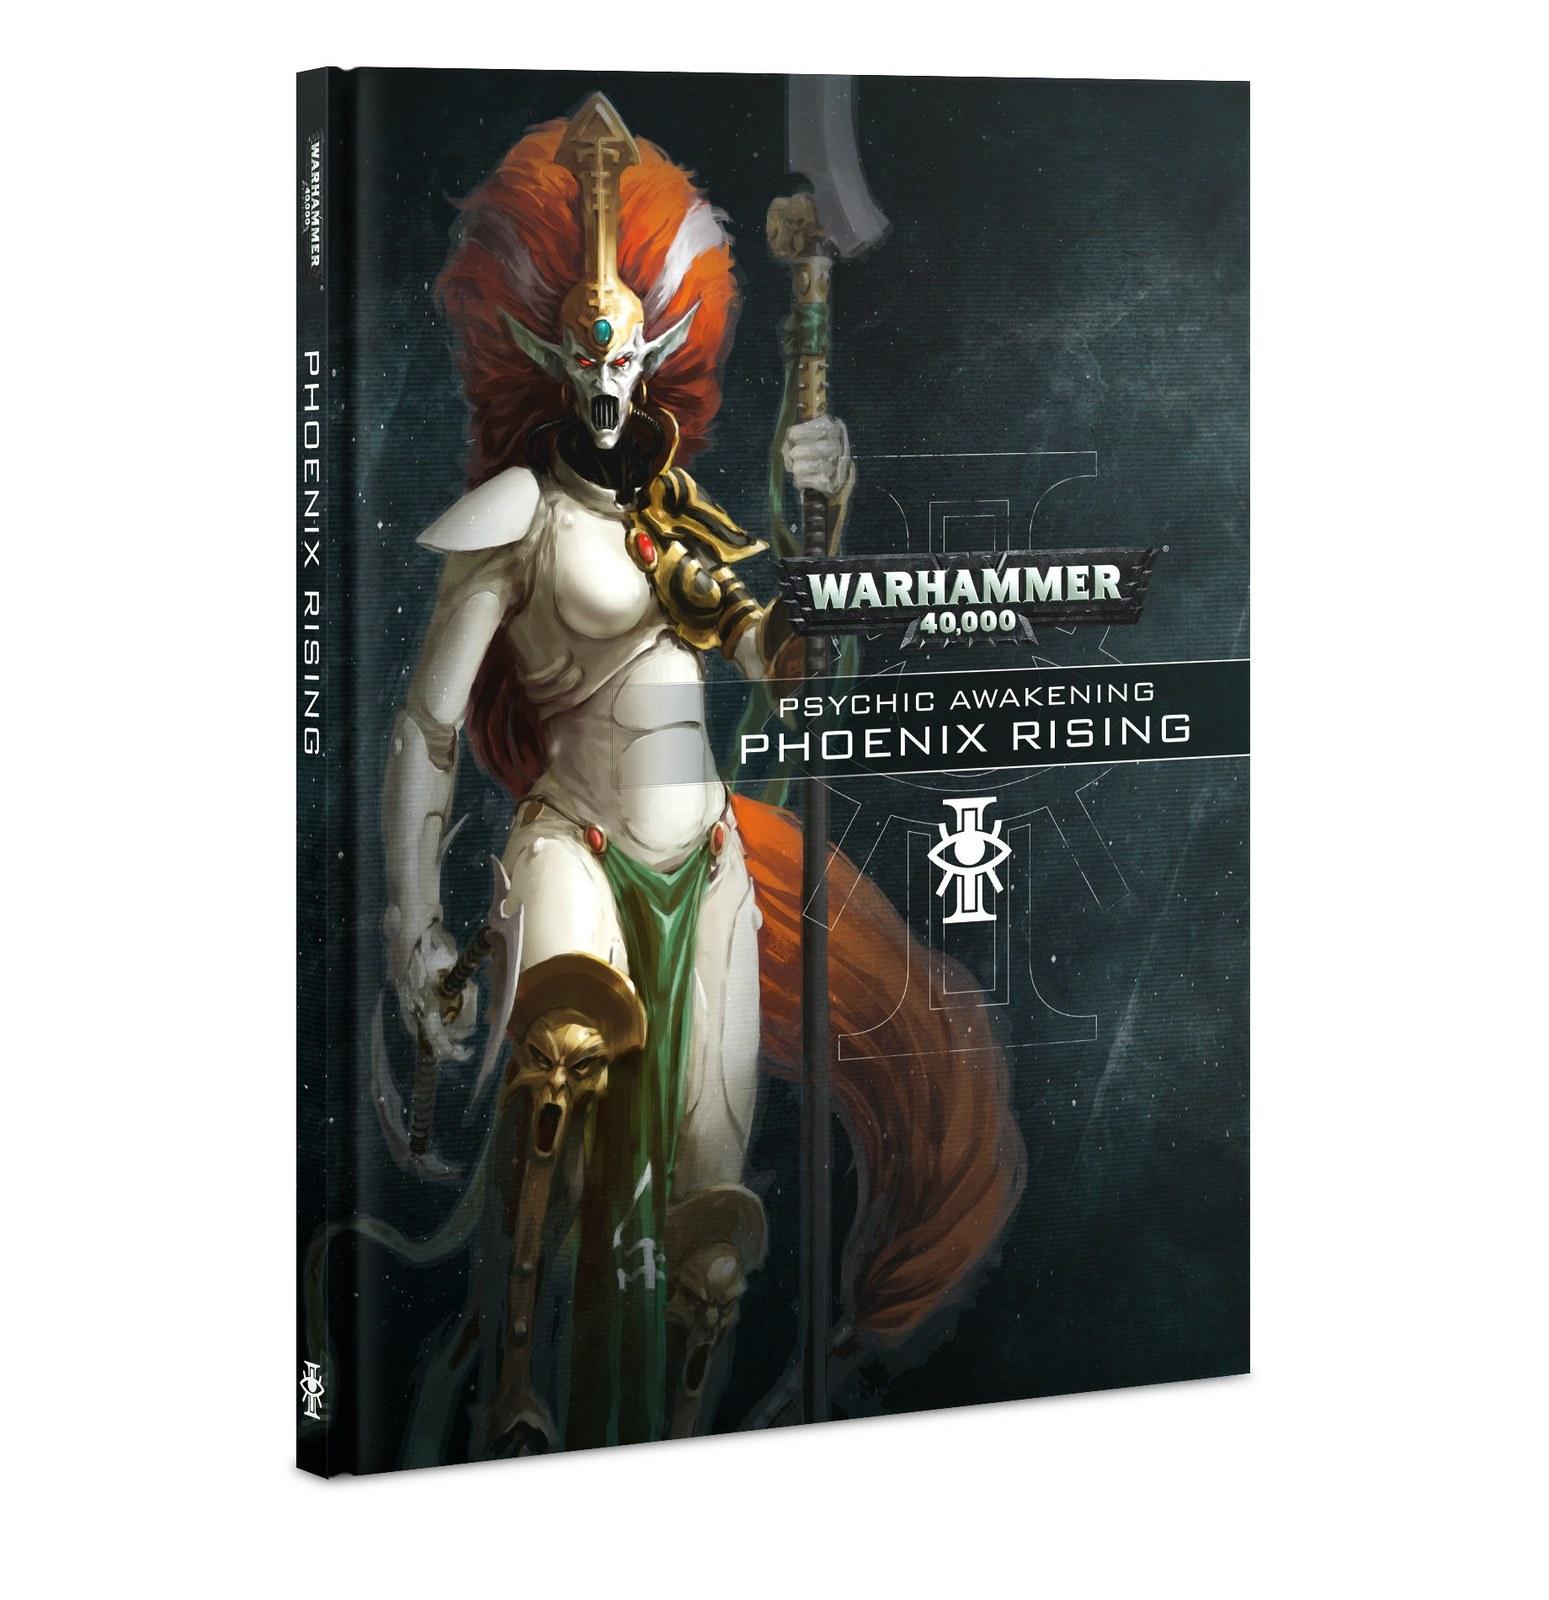 Warhammer 40,000 Psychic Awakening: Phoenix Rising image